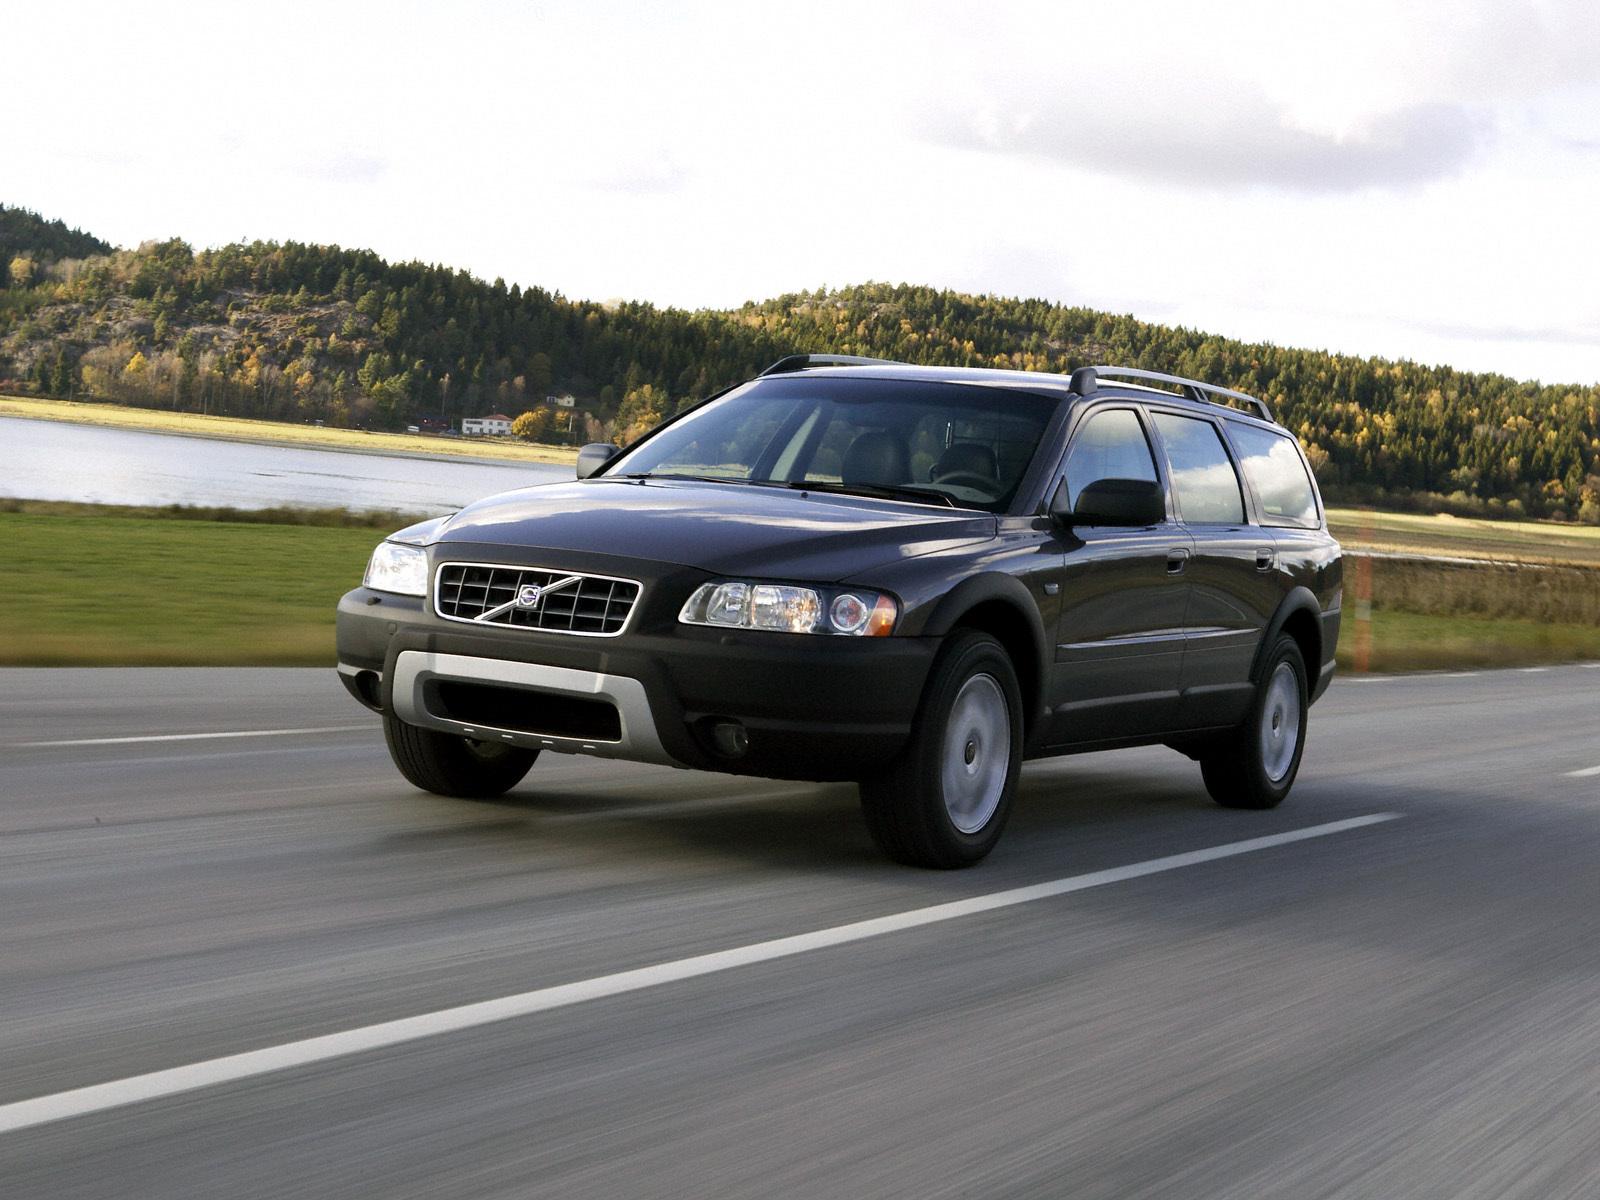 Volvo Xc70 1 Поколение Рестайлинг Фото